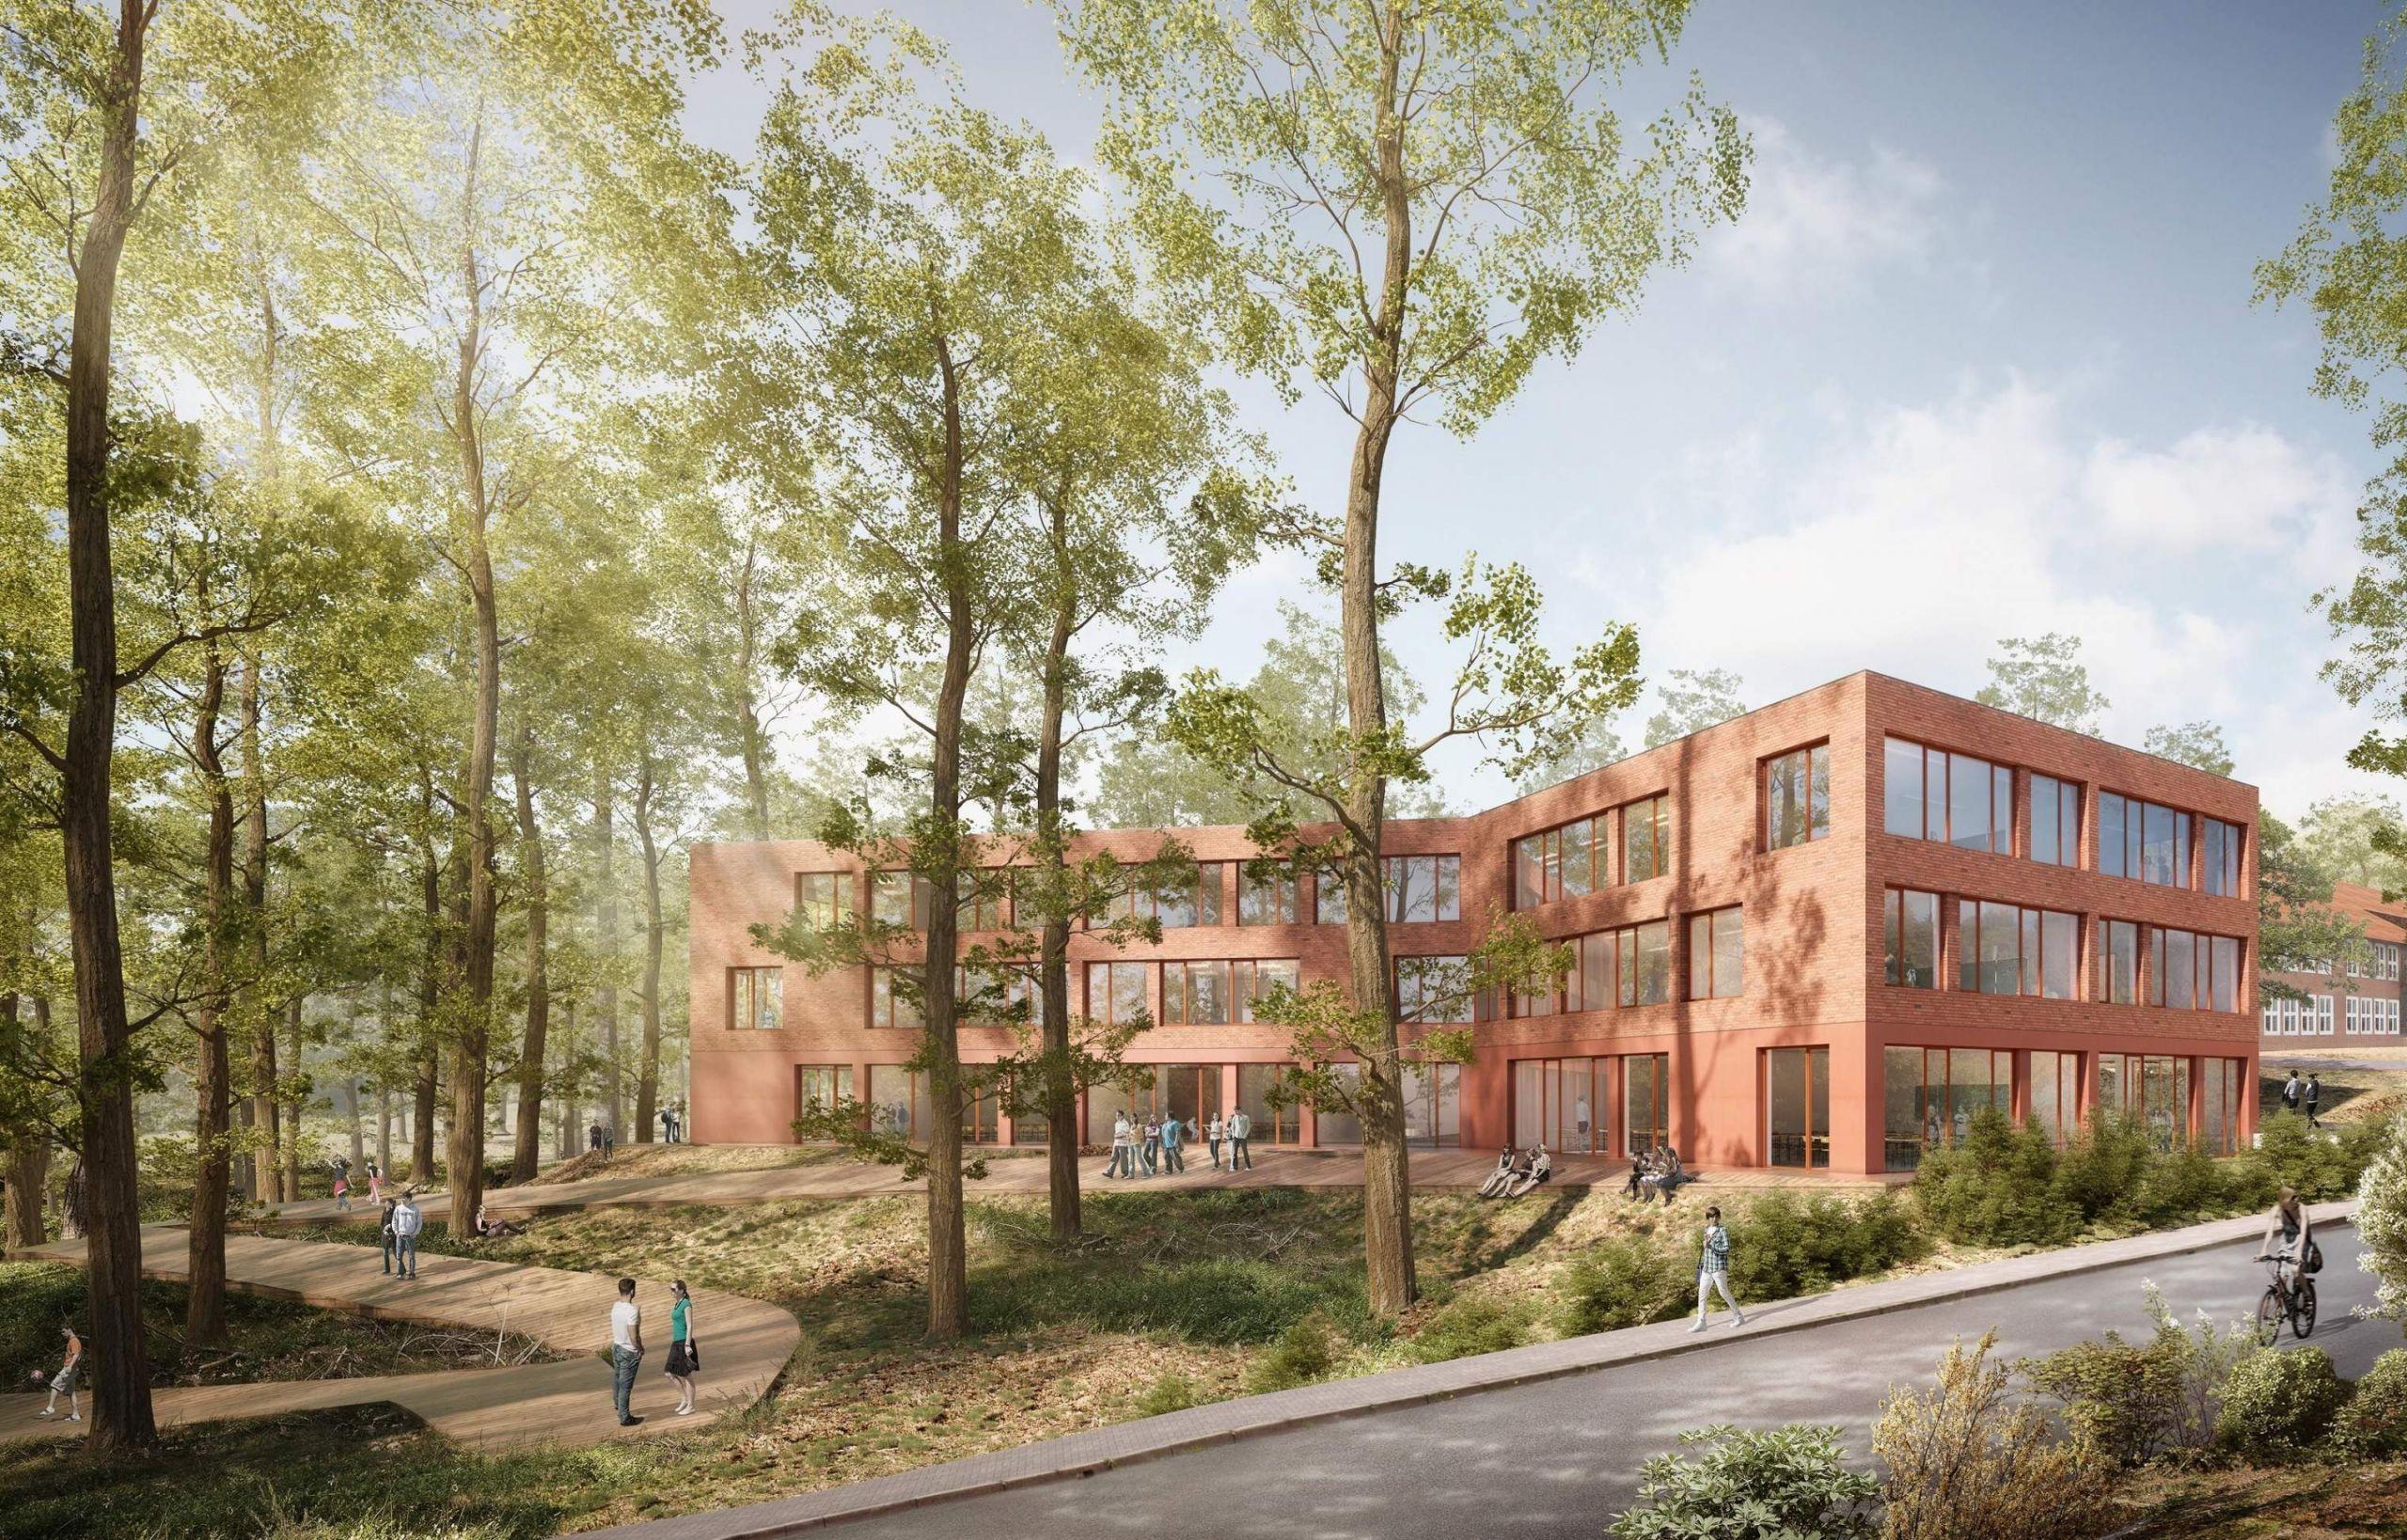 erweiterung der waldschule buchholz 2017 studioh2k architekten in bremen architekten in bremen